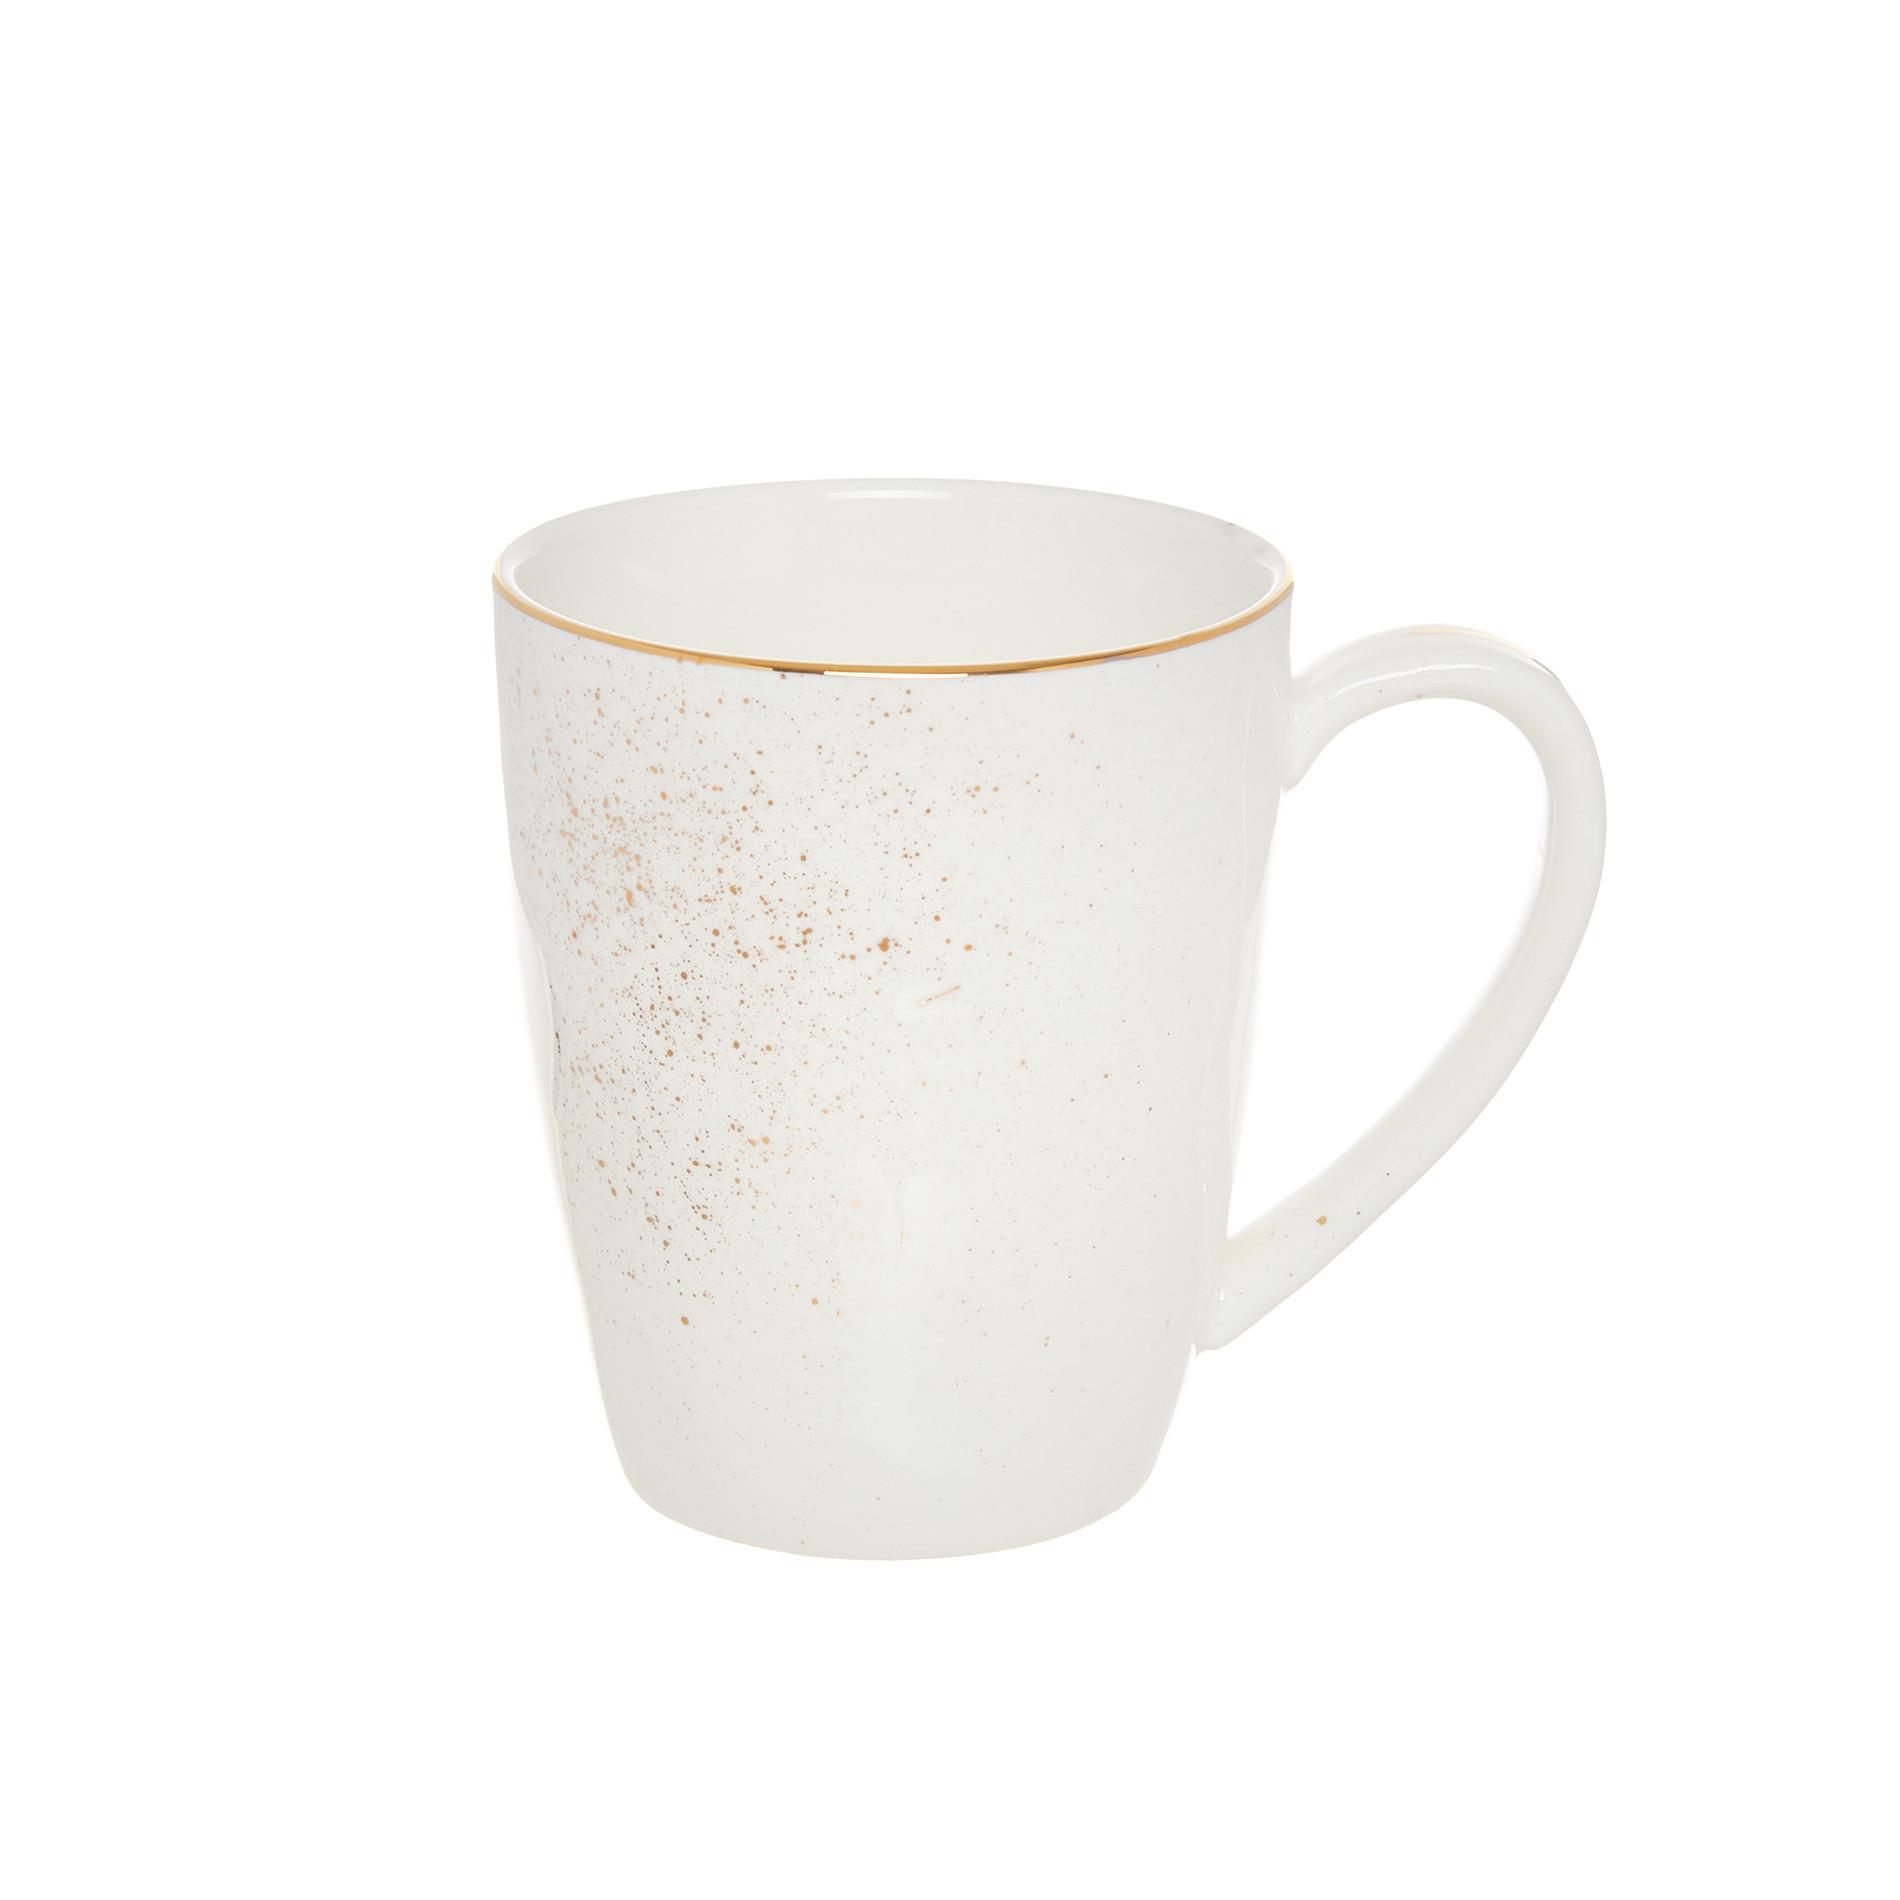 Mug porcellana spruzzata oro, Bianco, large image number 0